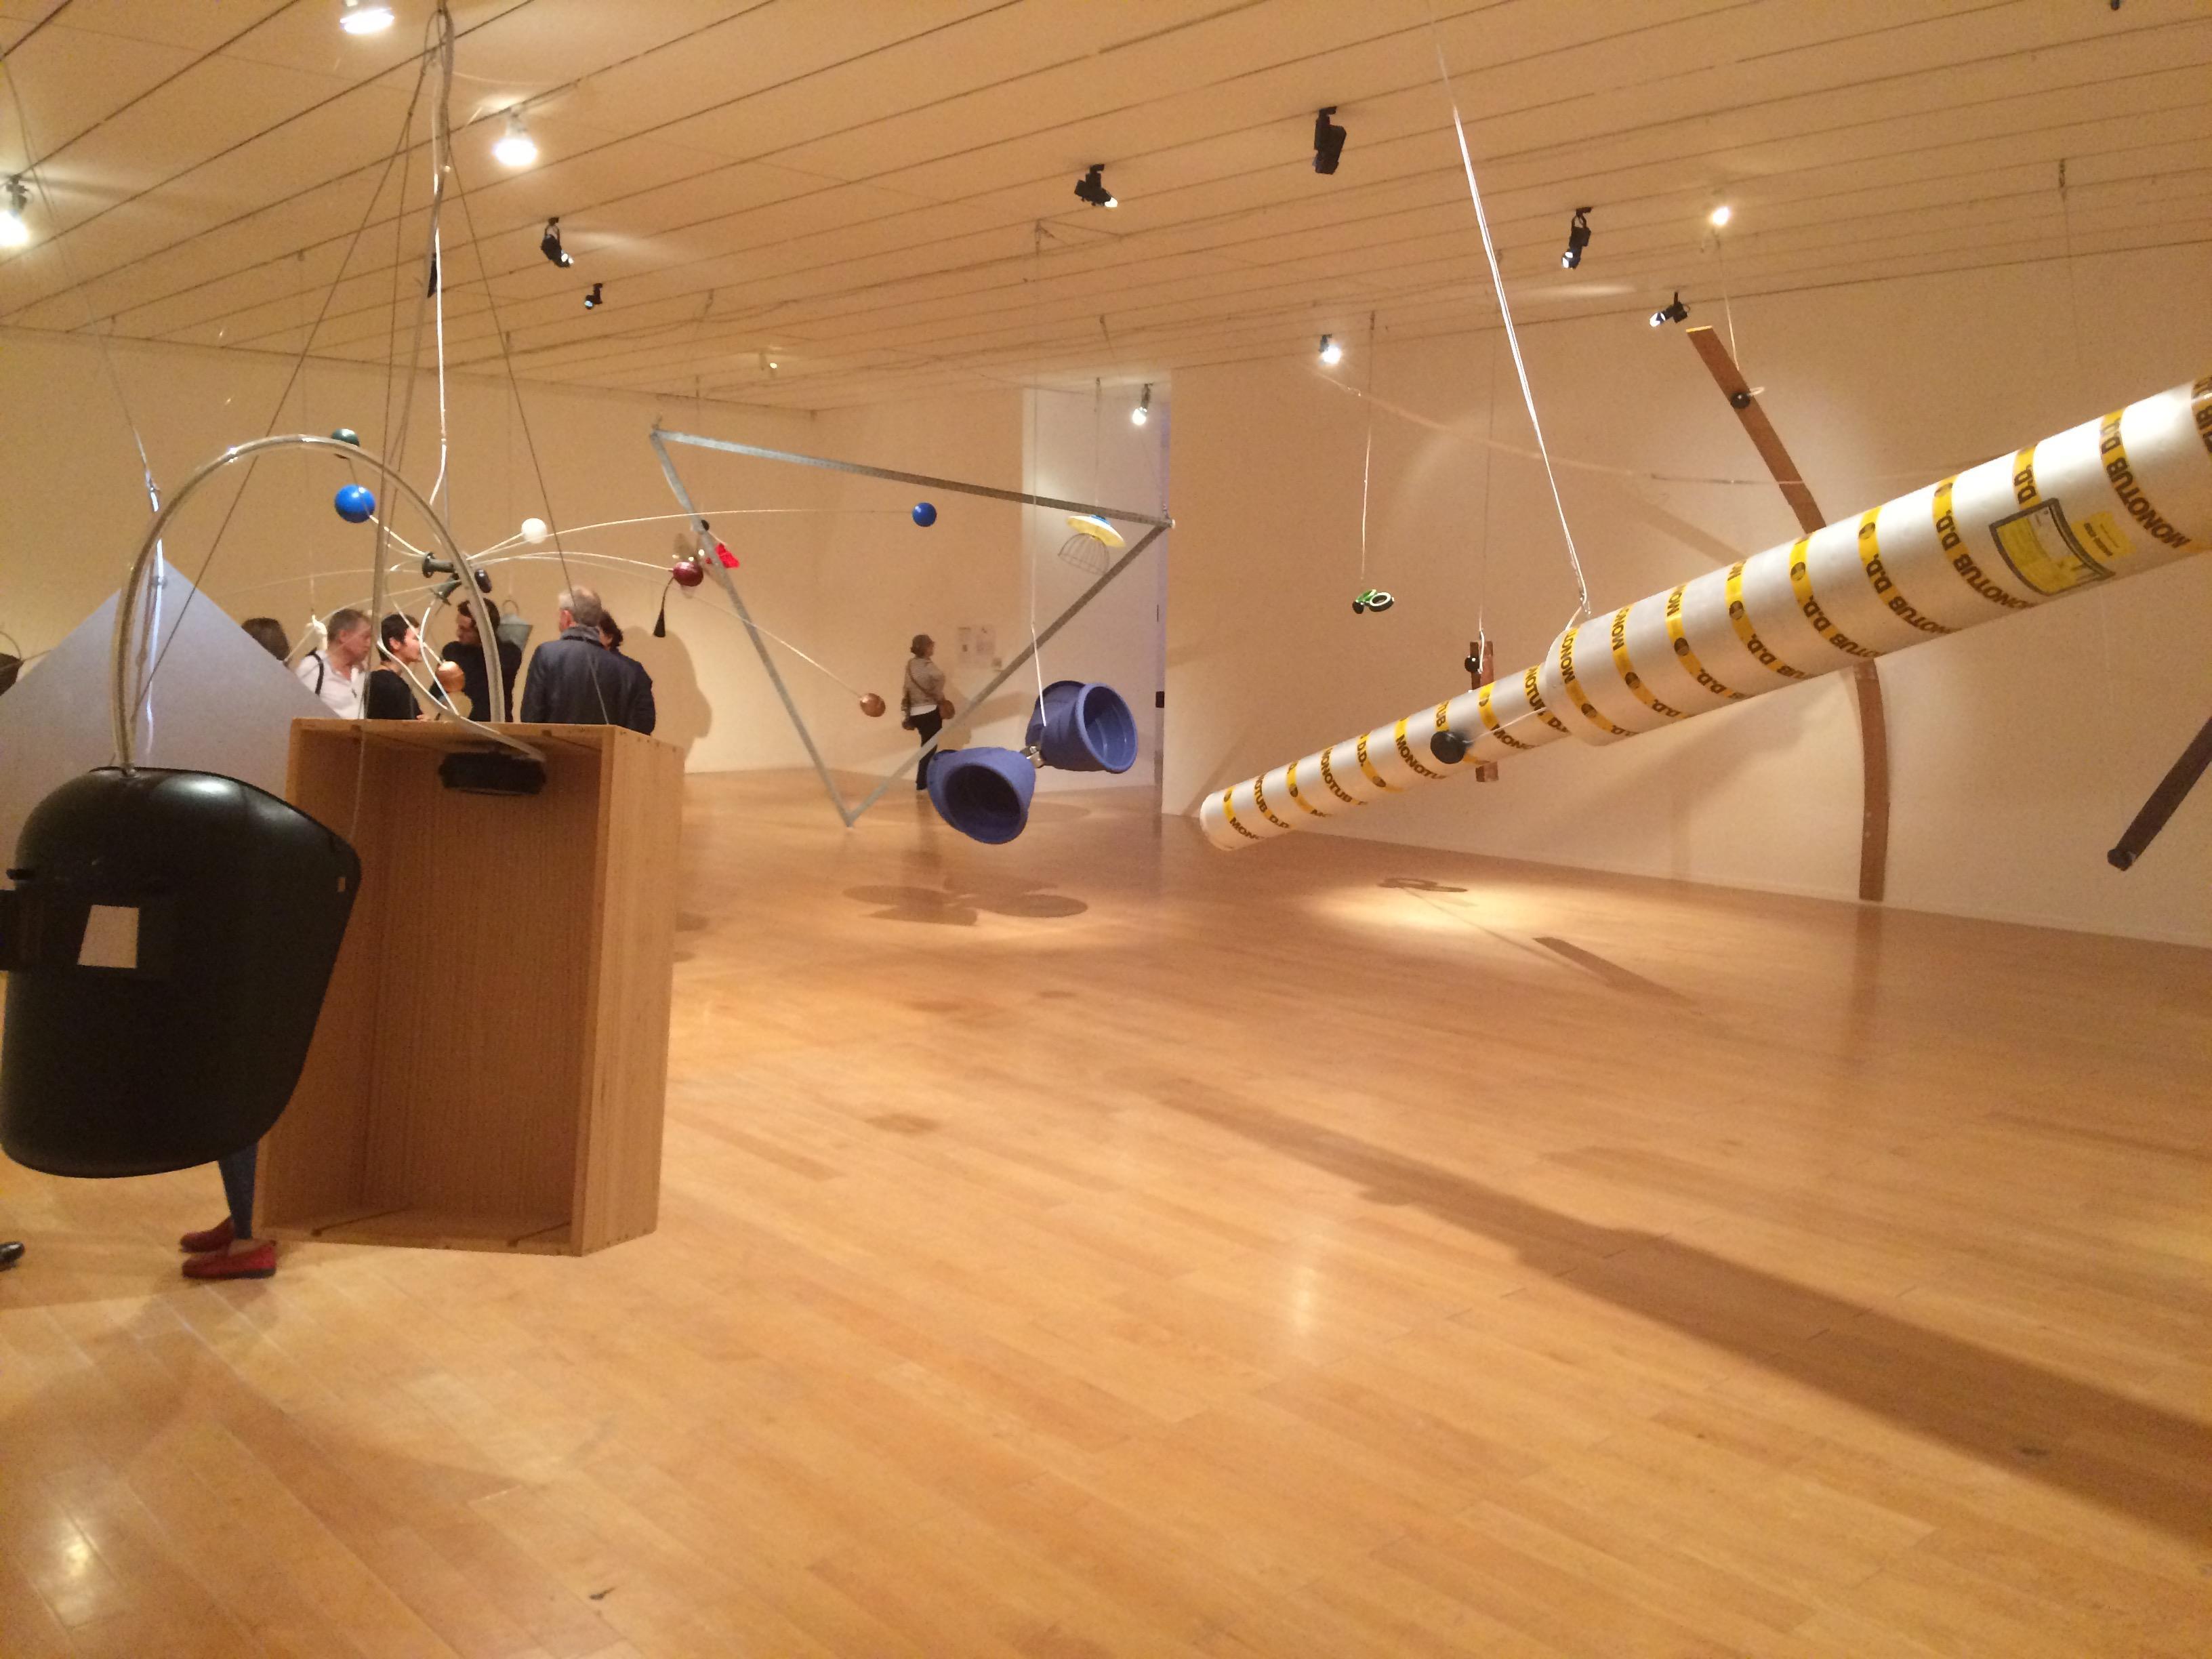 Lyon le mus e d 39 art contemporain a besoin de vous for Acheter art contemporain